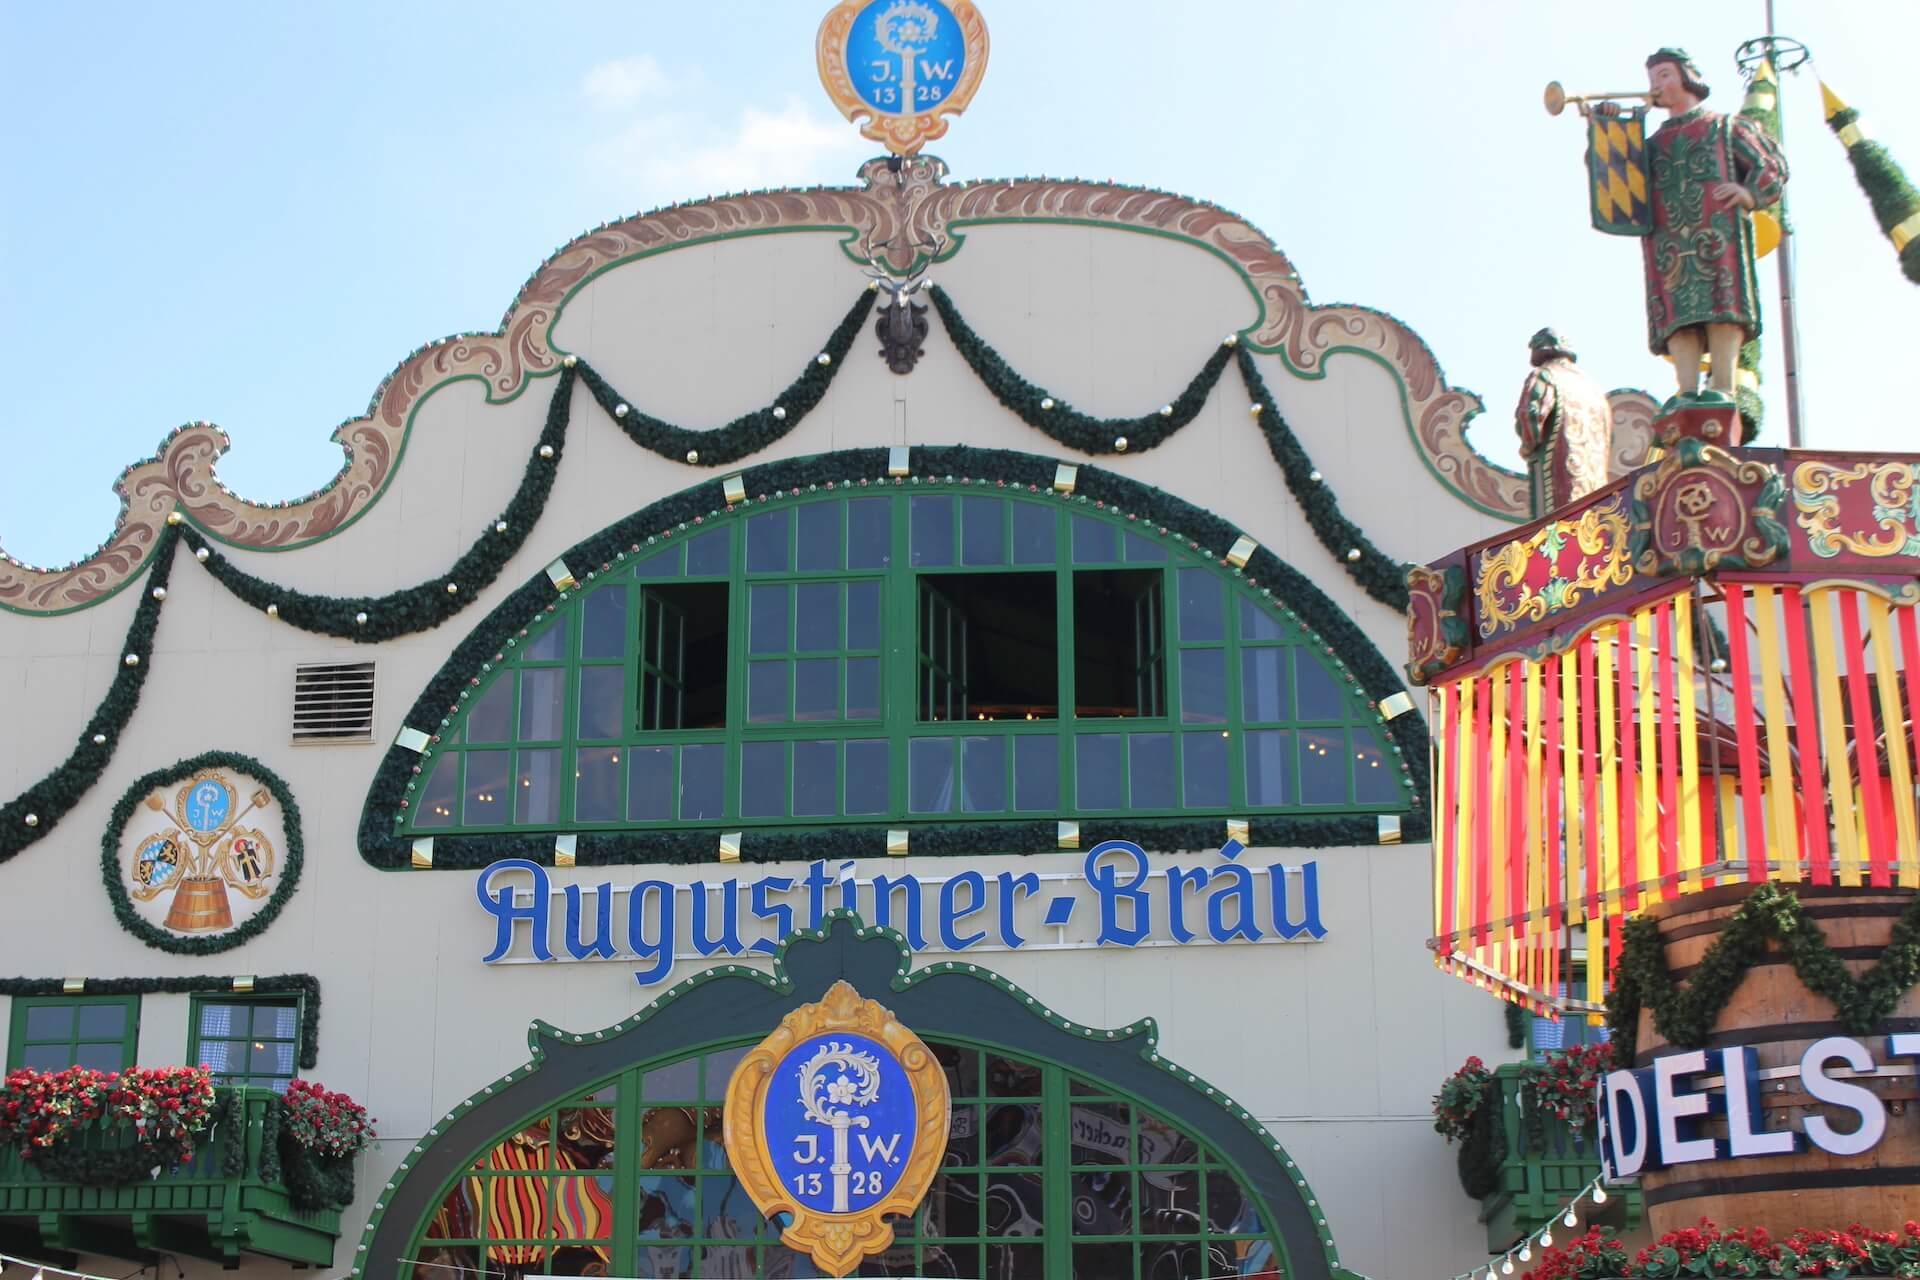 Oktoberfest Beer Tent - Augustiner